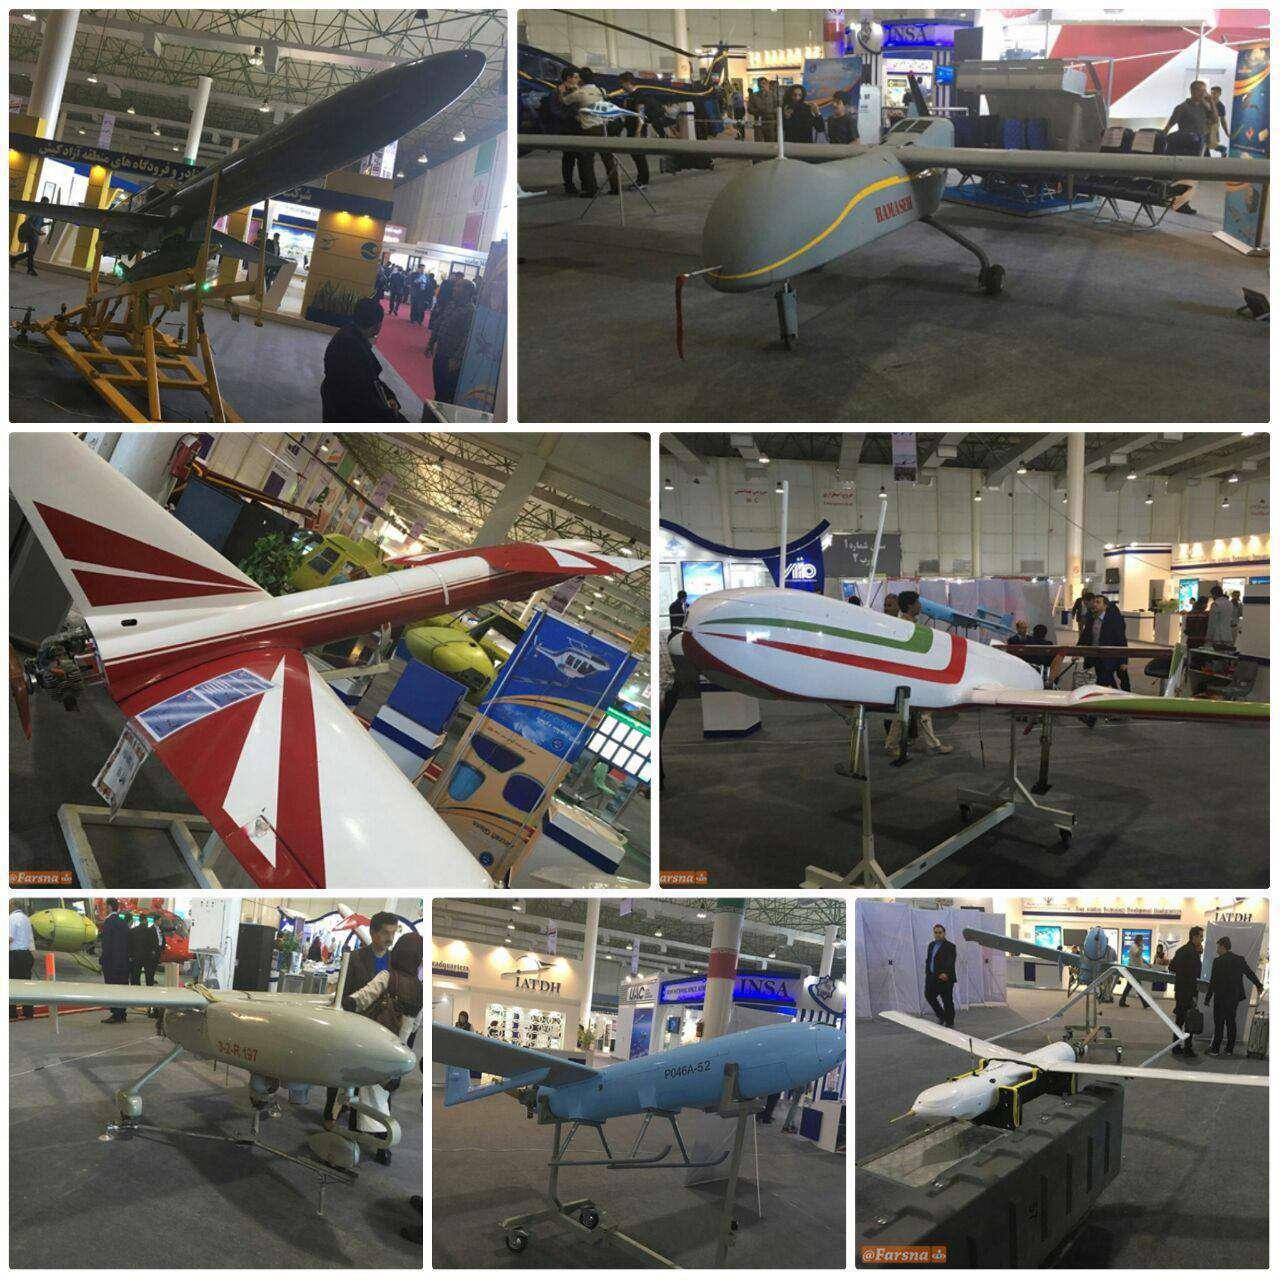 ۸ پهپاد ایرانی در  نمایشگاه بینالمللی هوایی ایران در کیش به نمایش عمومی گذاشته شد